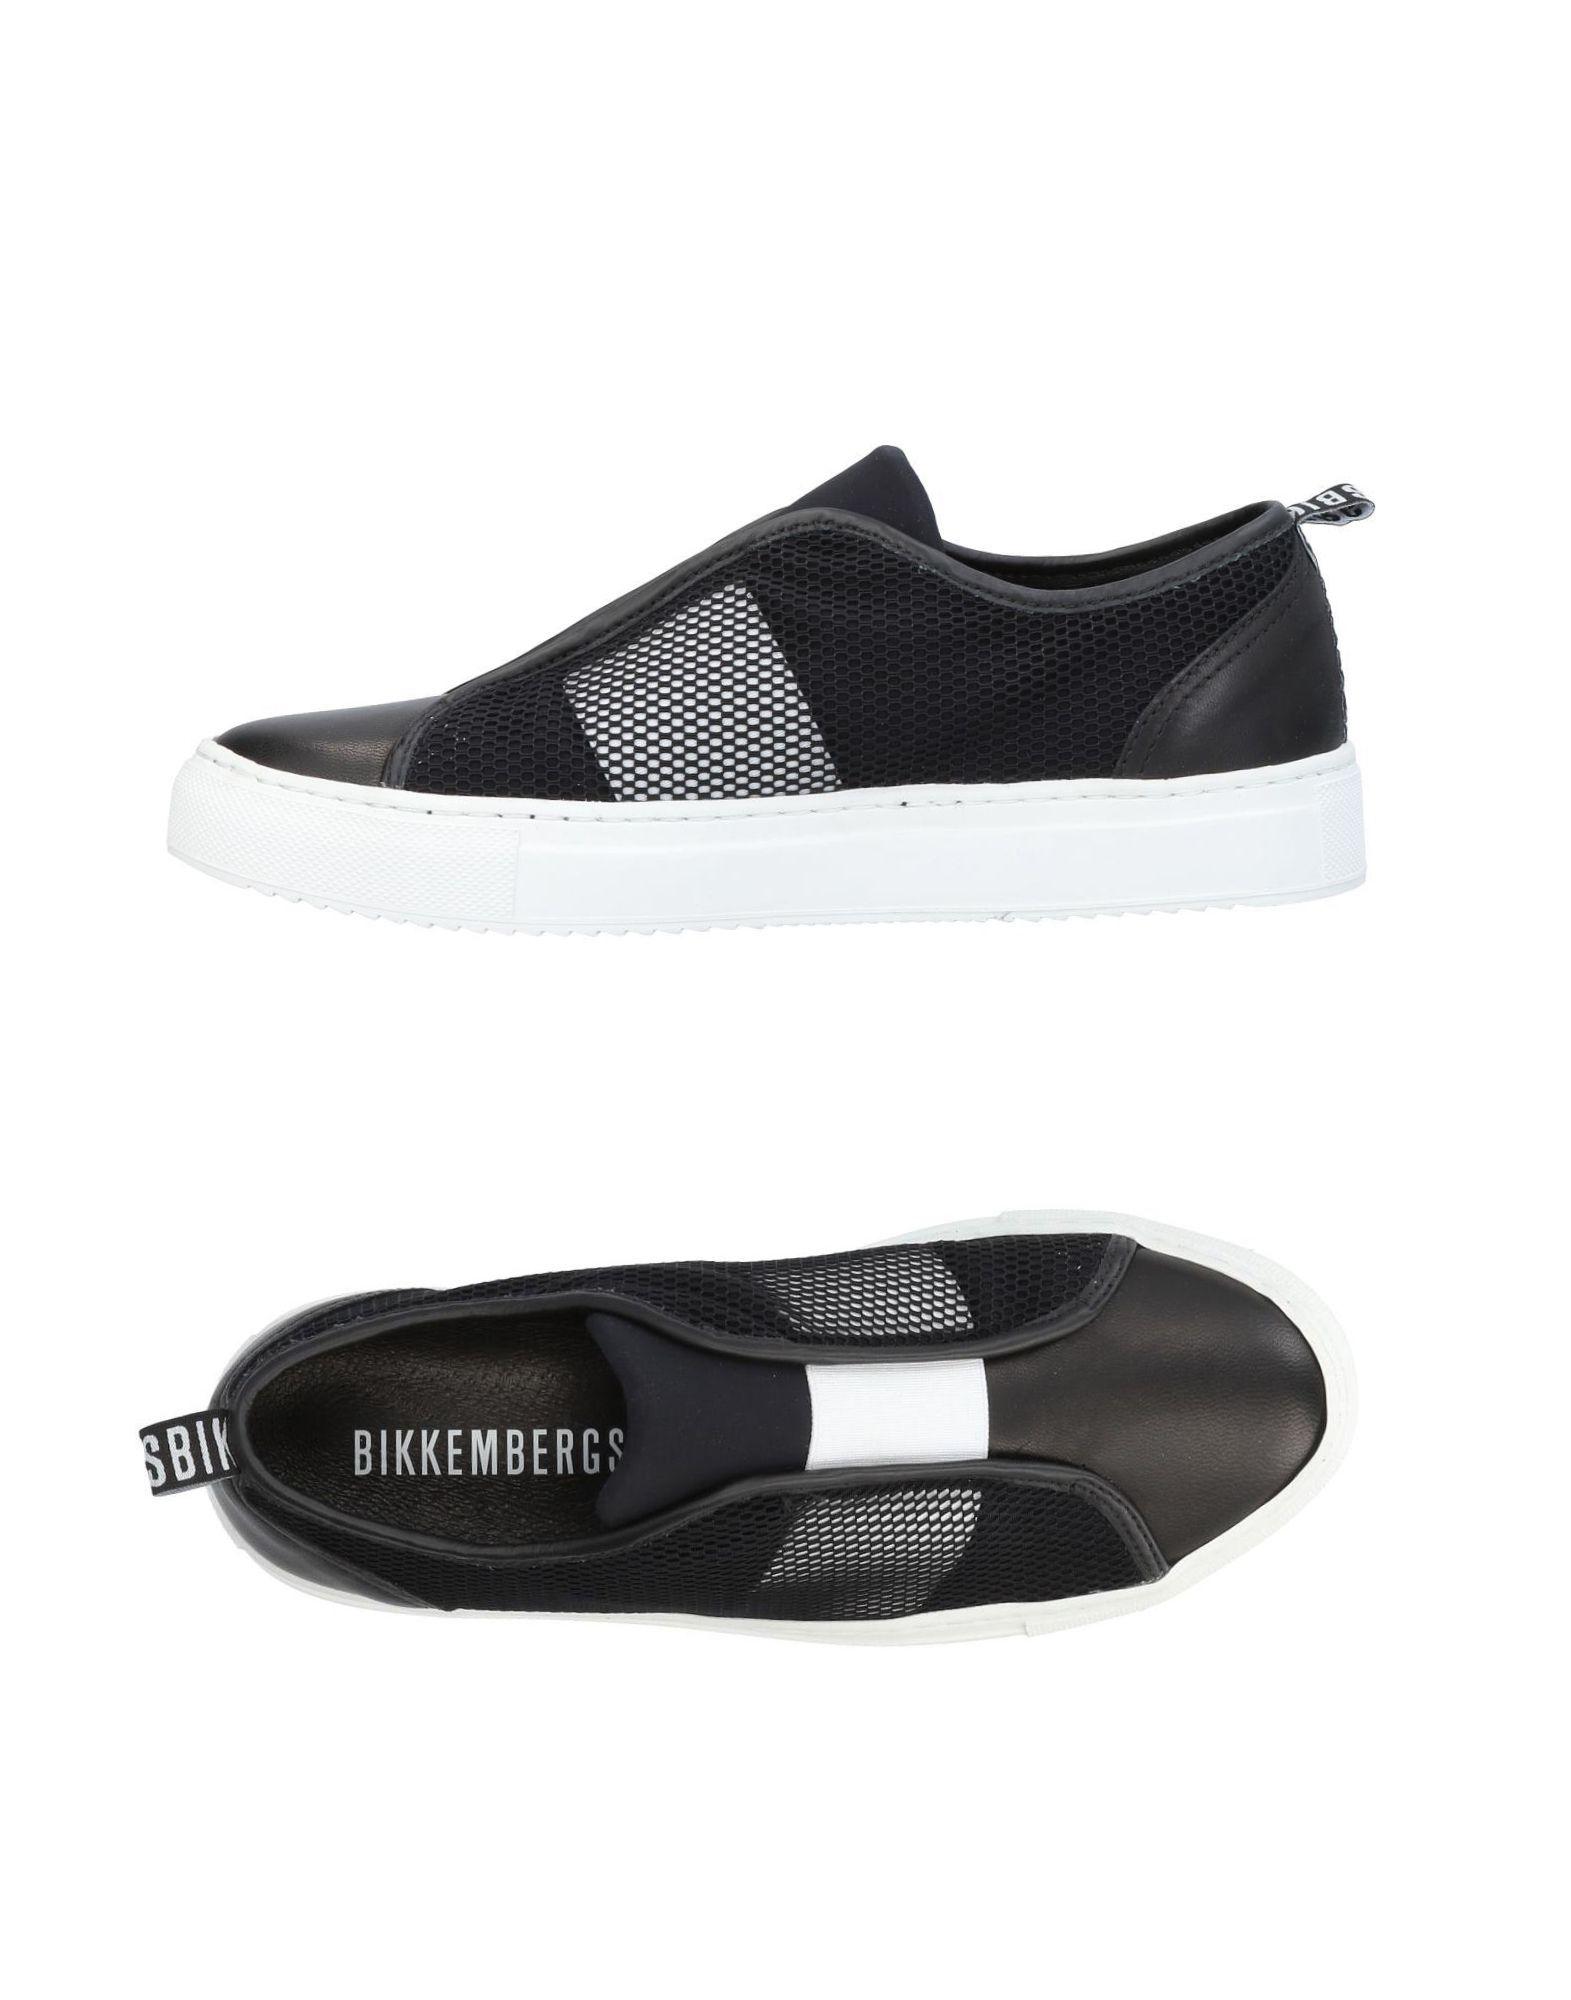 Scarpe economiche e resistenti Sneakers Bikkembergs Donna - 11417898BH